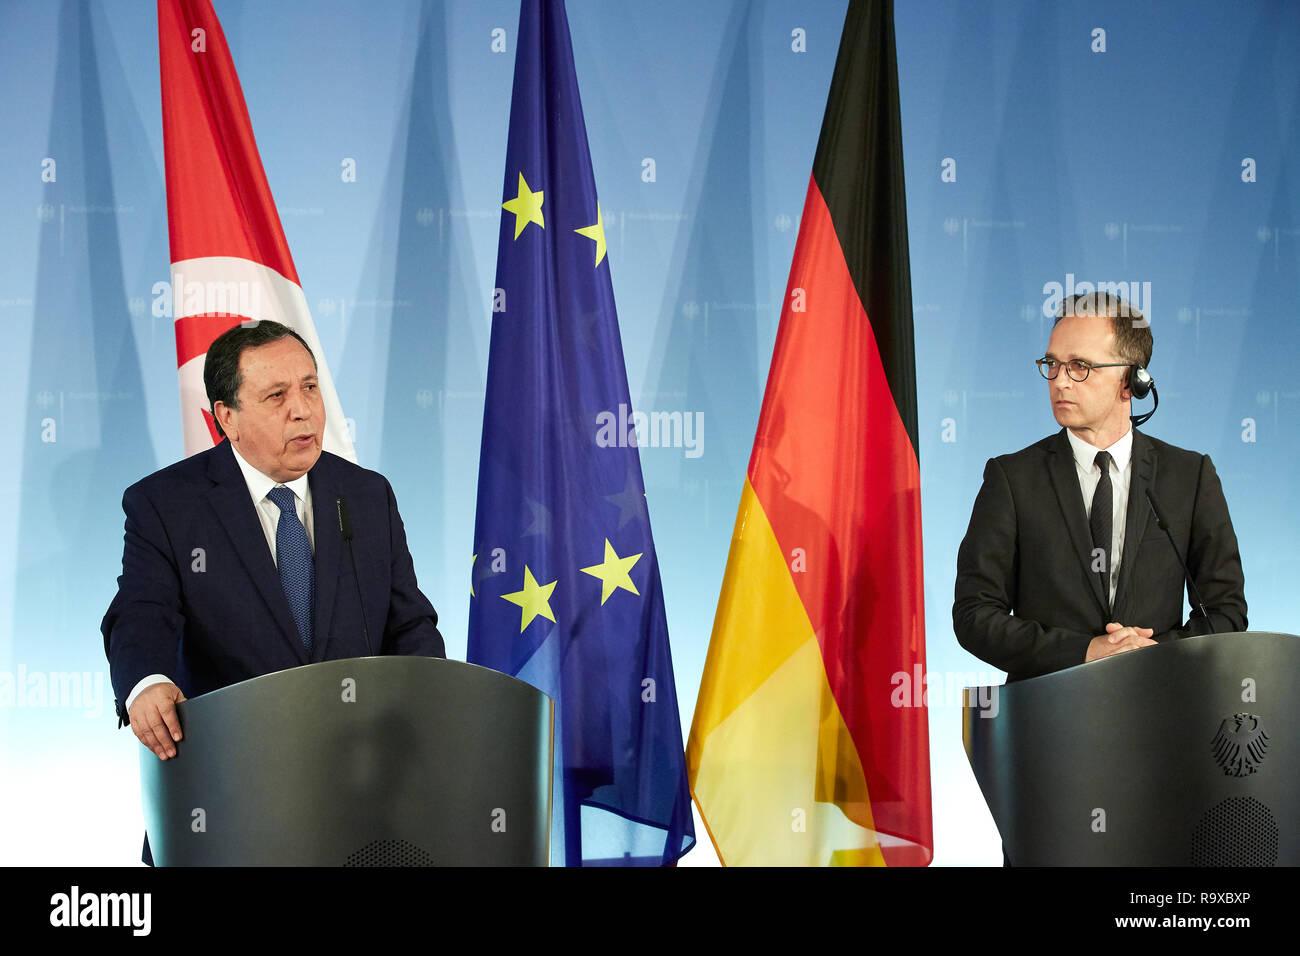 17.10.2018, Berlin, Deutschland - Bundesaussenminister Heiko Maas und der tunesische Aussenminister Khemaies Jhinaoui bei der gemeinsamen Pressekonfer - Stock Image